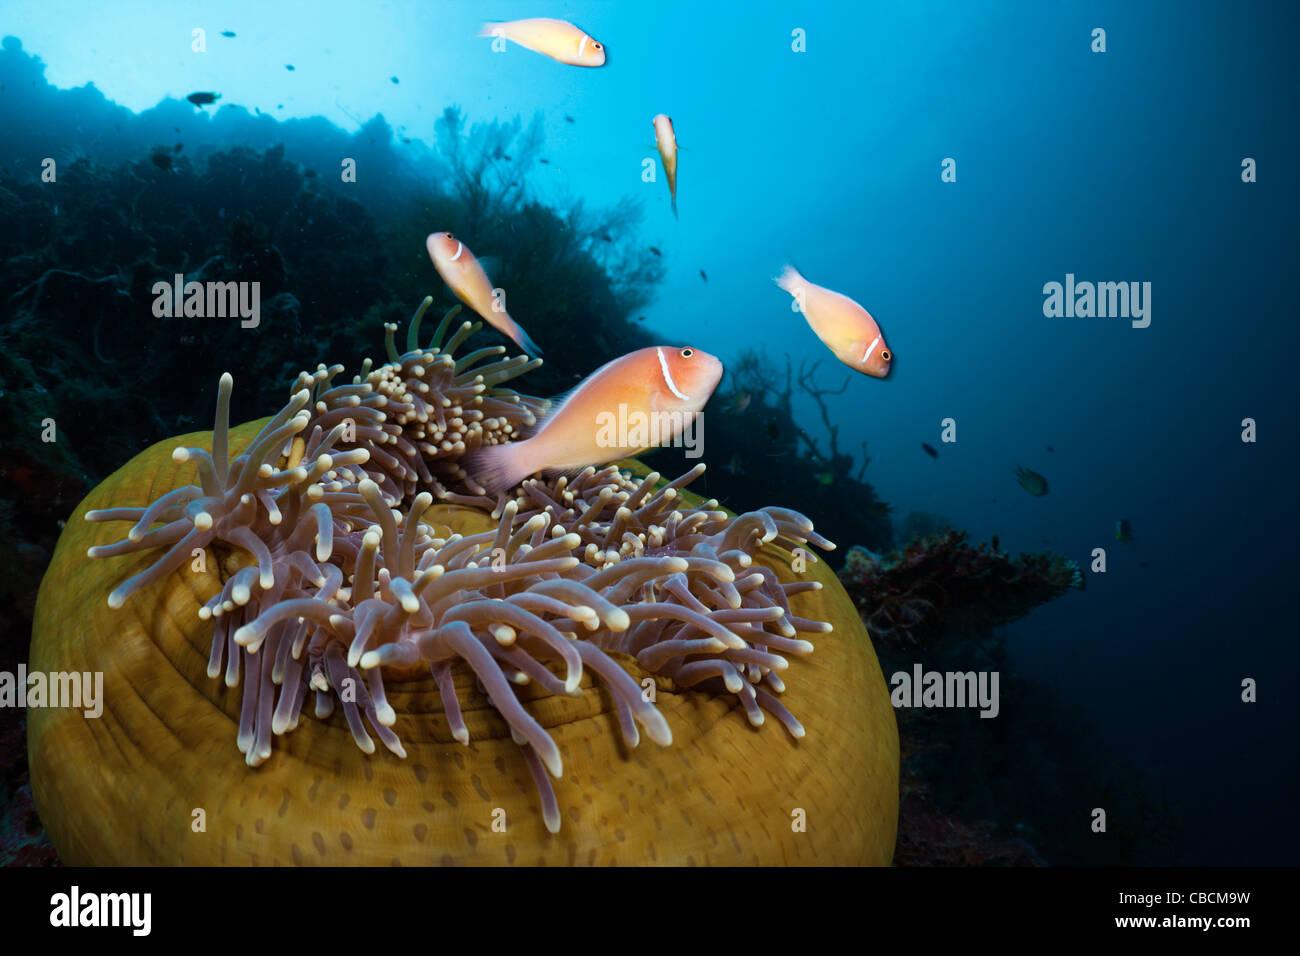 Rosa Anemonenfische in herrlichen Seeanemone, Amphiprion Perideraion, Heteractis Magnifica, Cenderawasih-Bucht, Stockbild